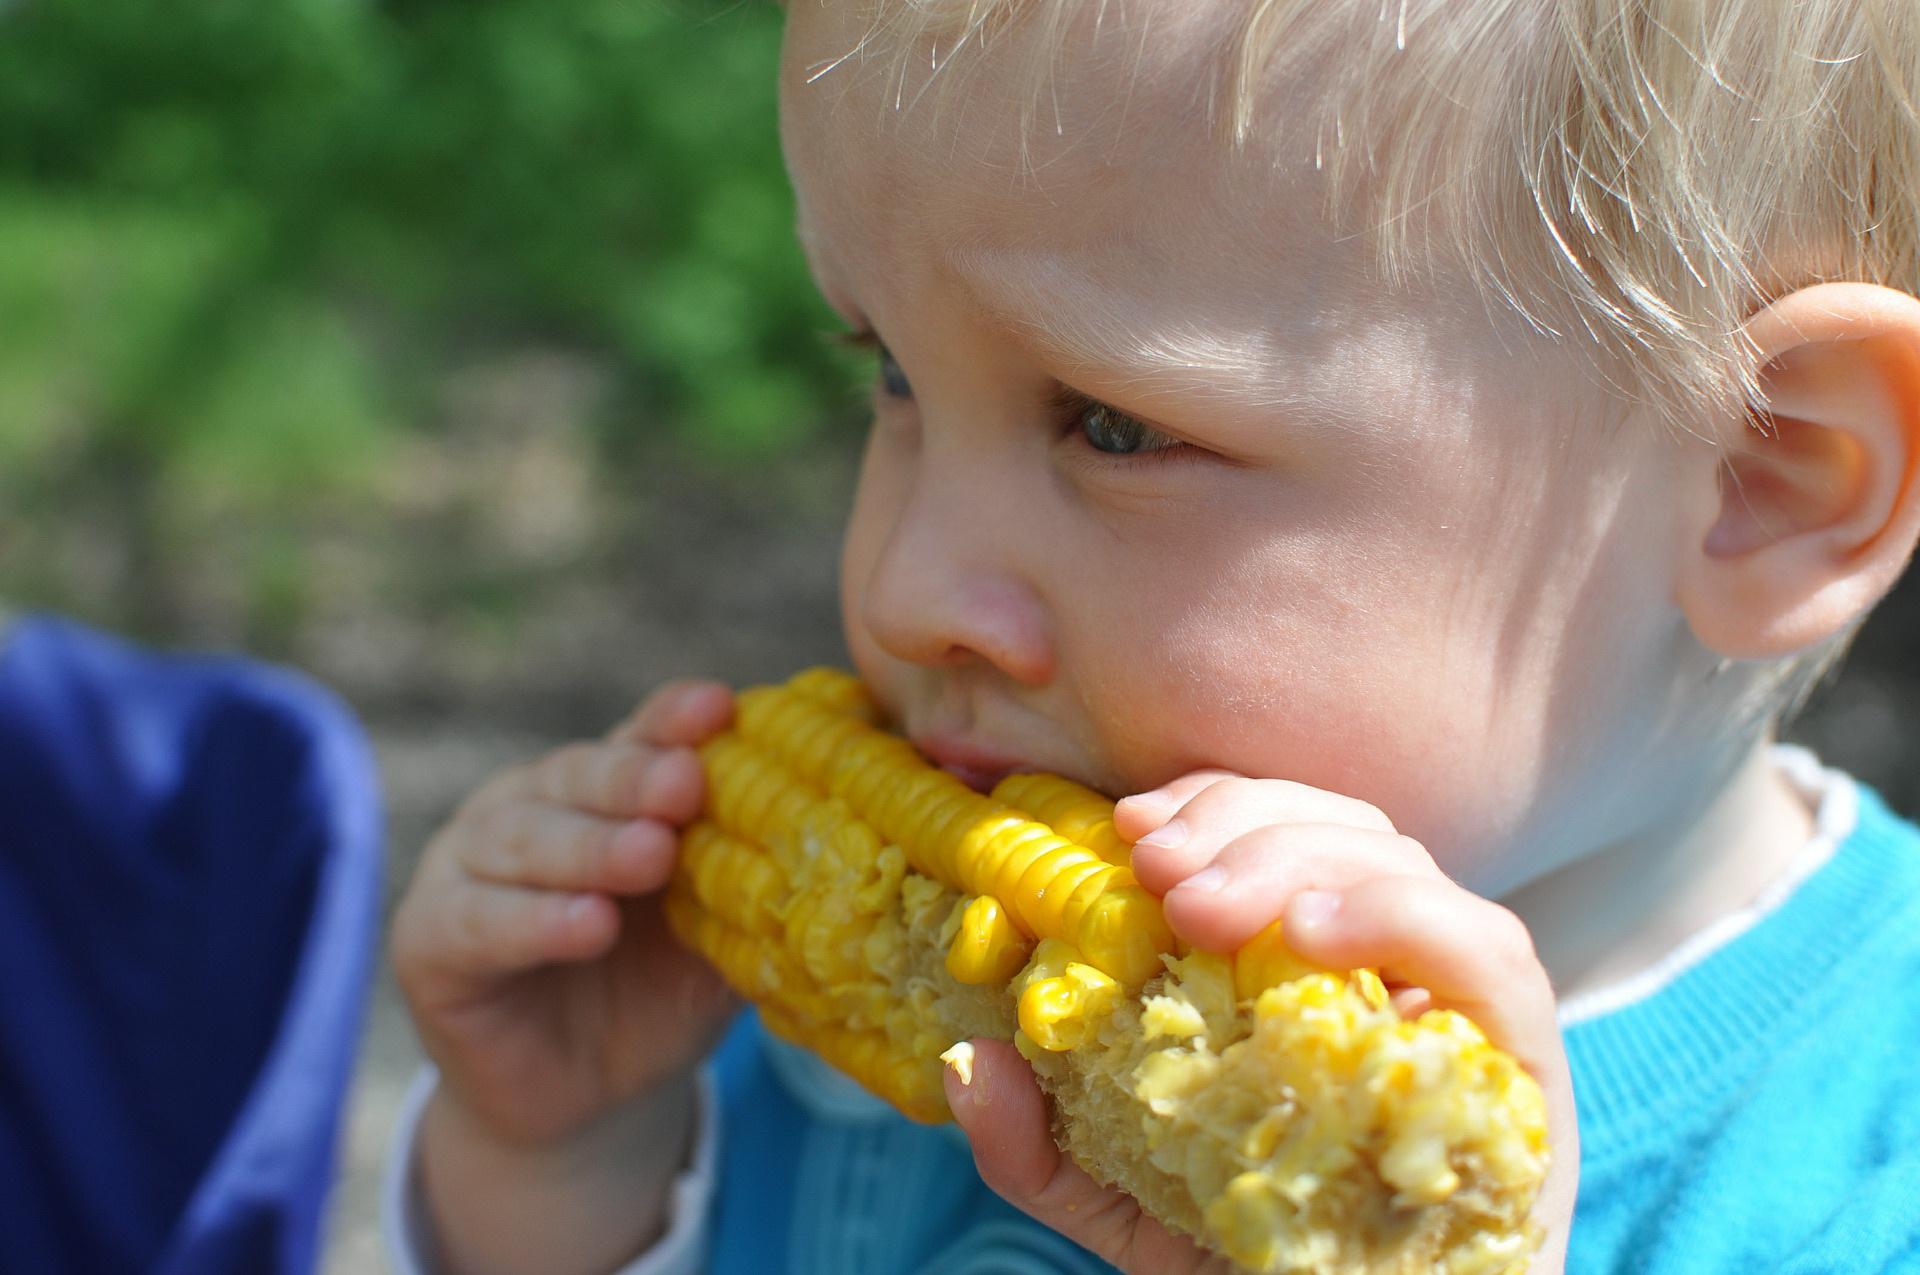 Śmieszne zagadki o jedzeniu dla dzieci z odpowiedziami